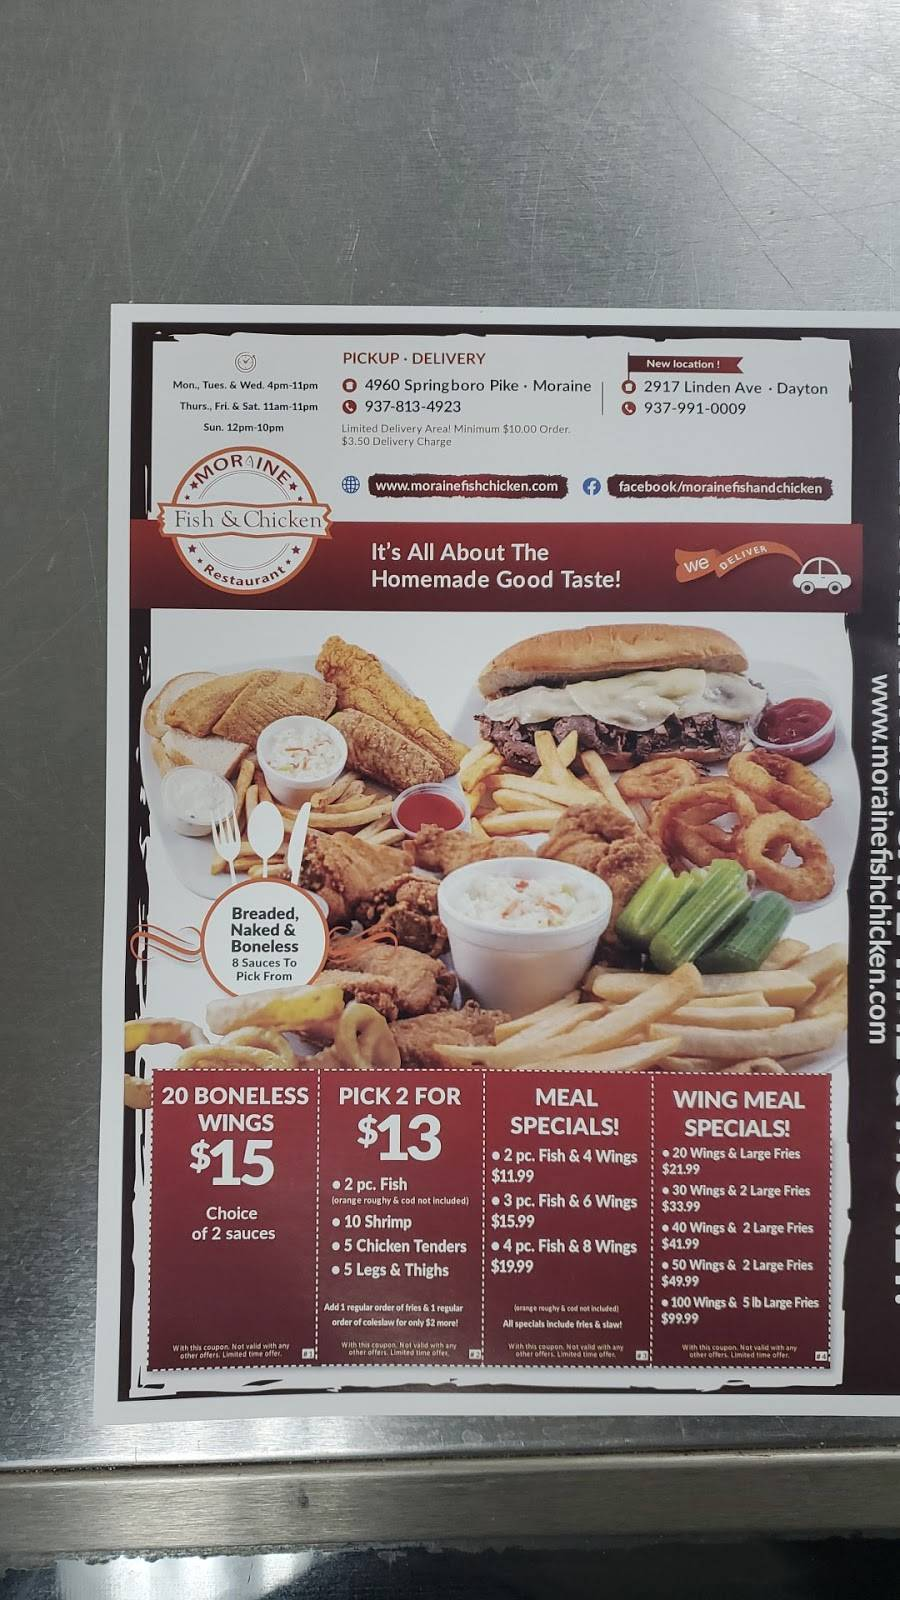 MORAINE FISH & CHICKEN   restaurant   2917 Linden Ave, Dayton, OH 45410, USA   9379910009 OR +1 937-991-0009